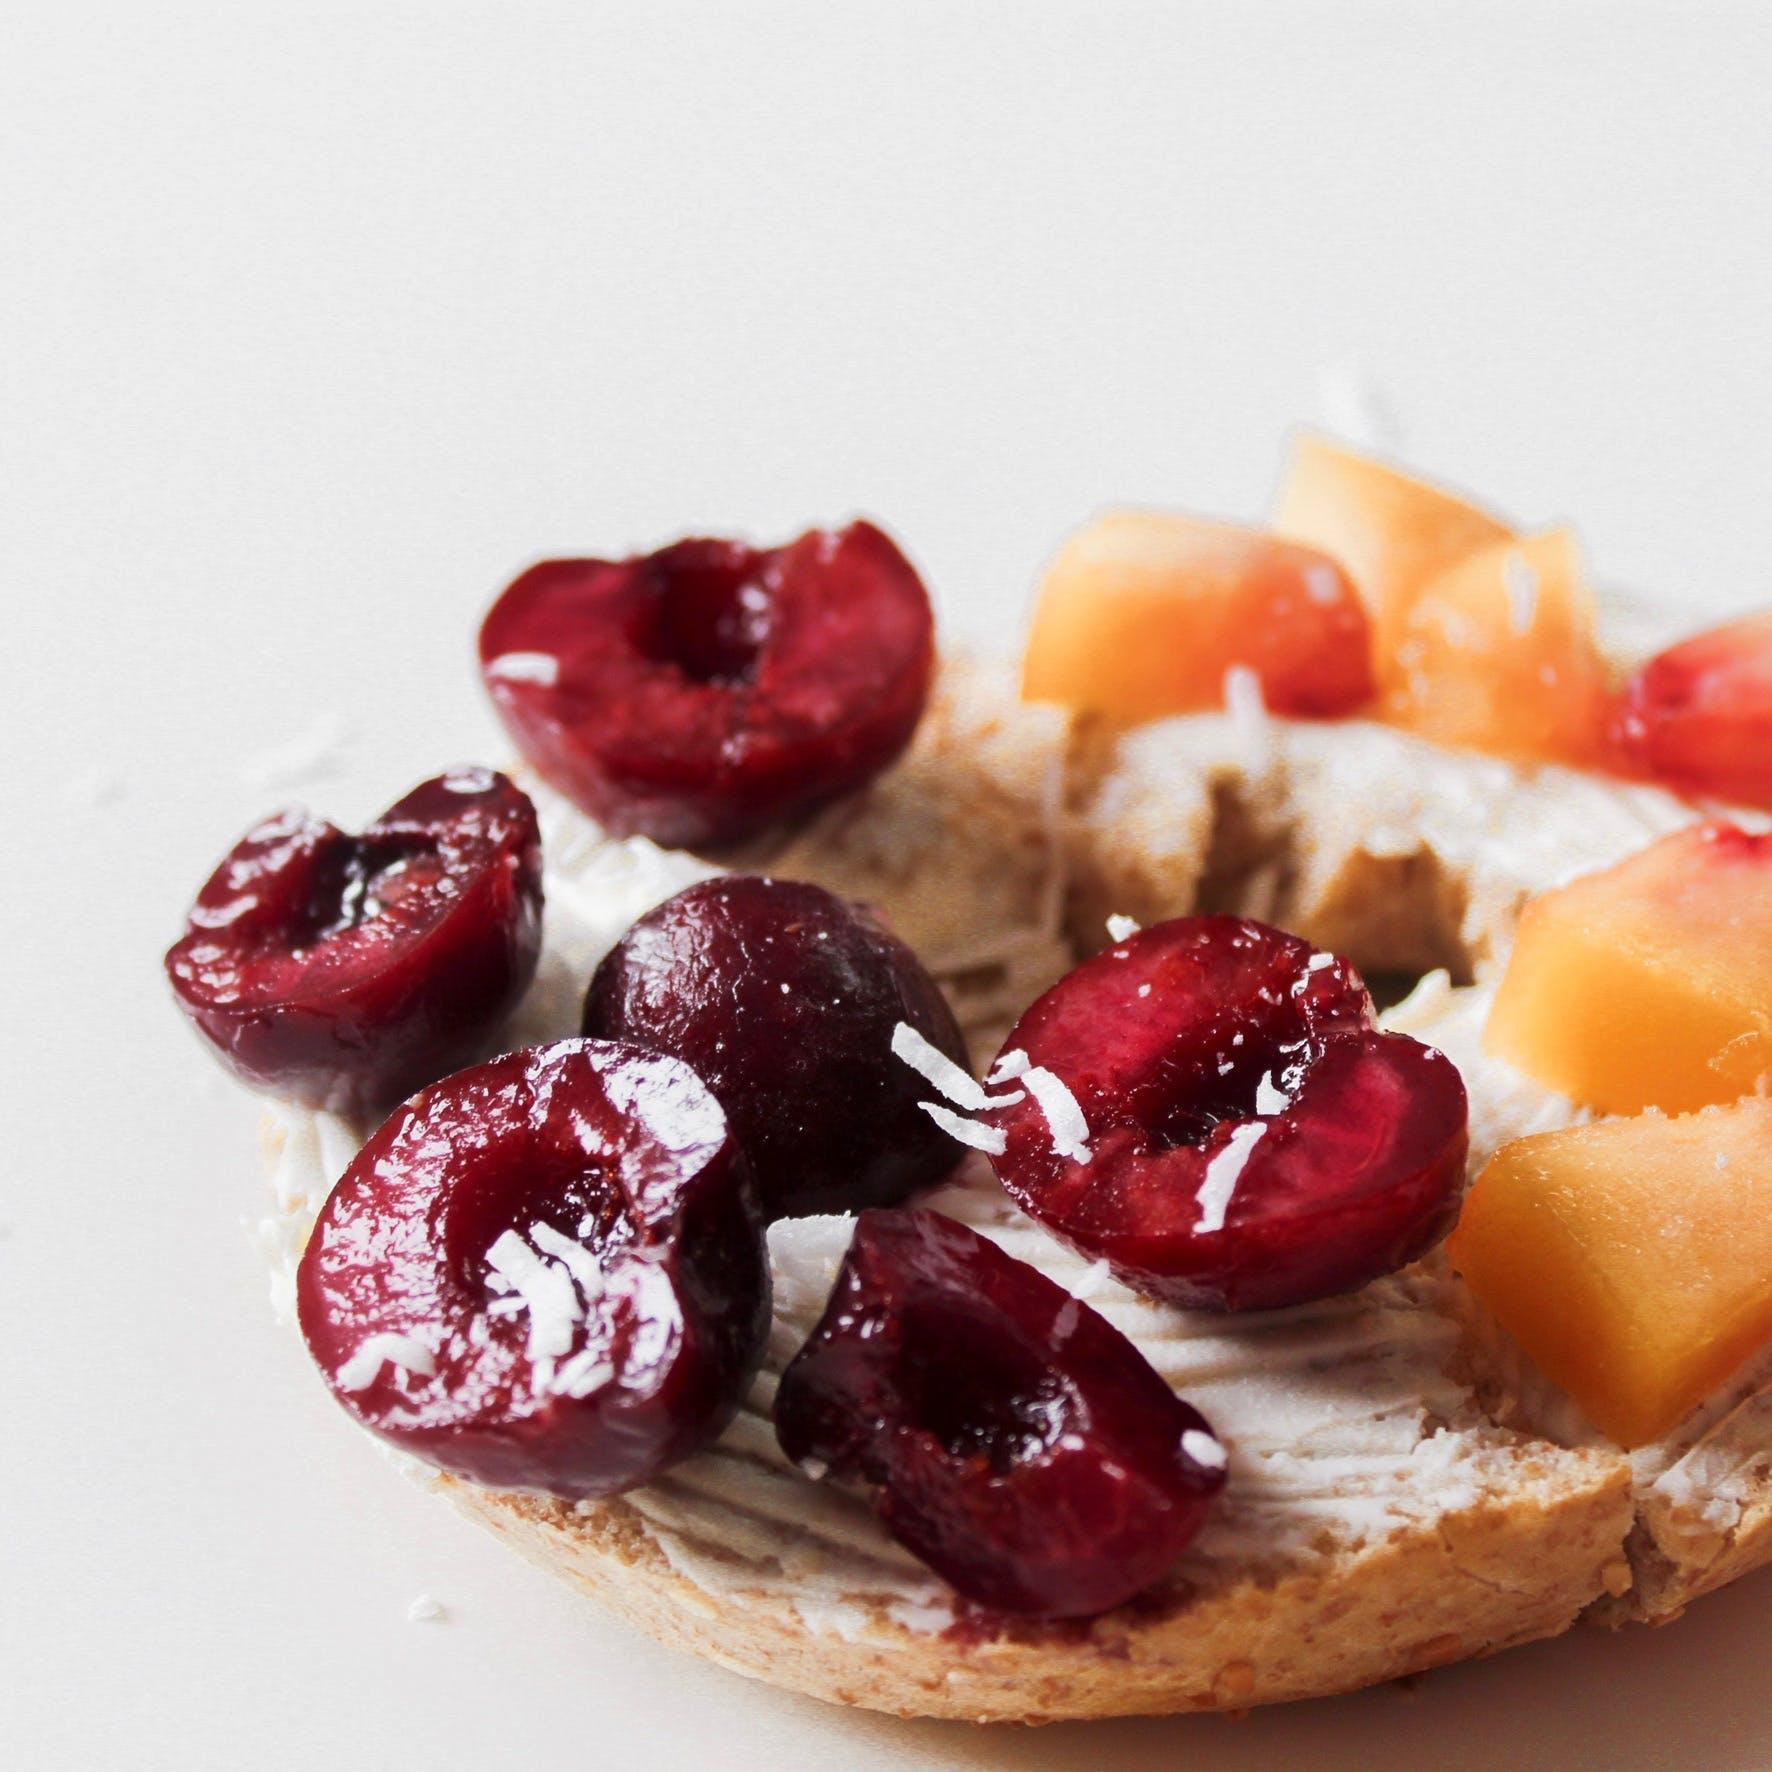 çalı meyveleri, dengeli beslenme, dengeli beslenmek, dilimler içeren Ücretsiz stok fotoğraf